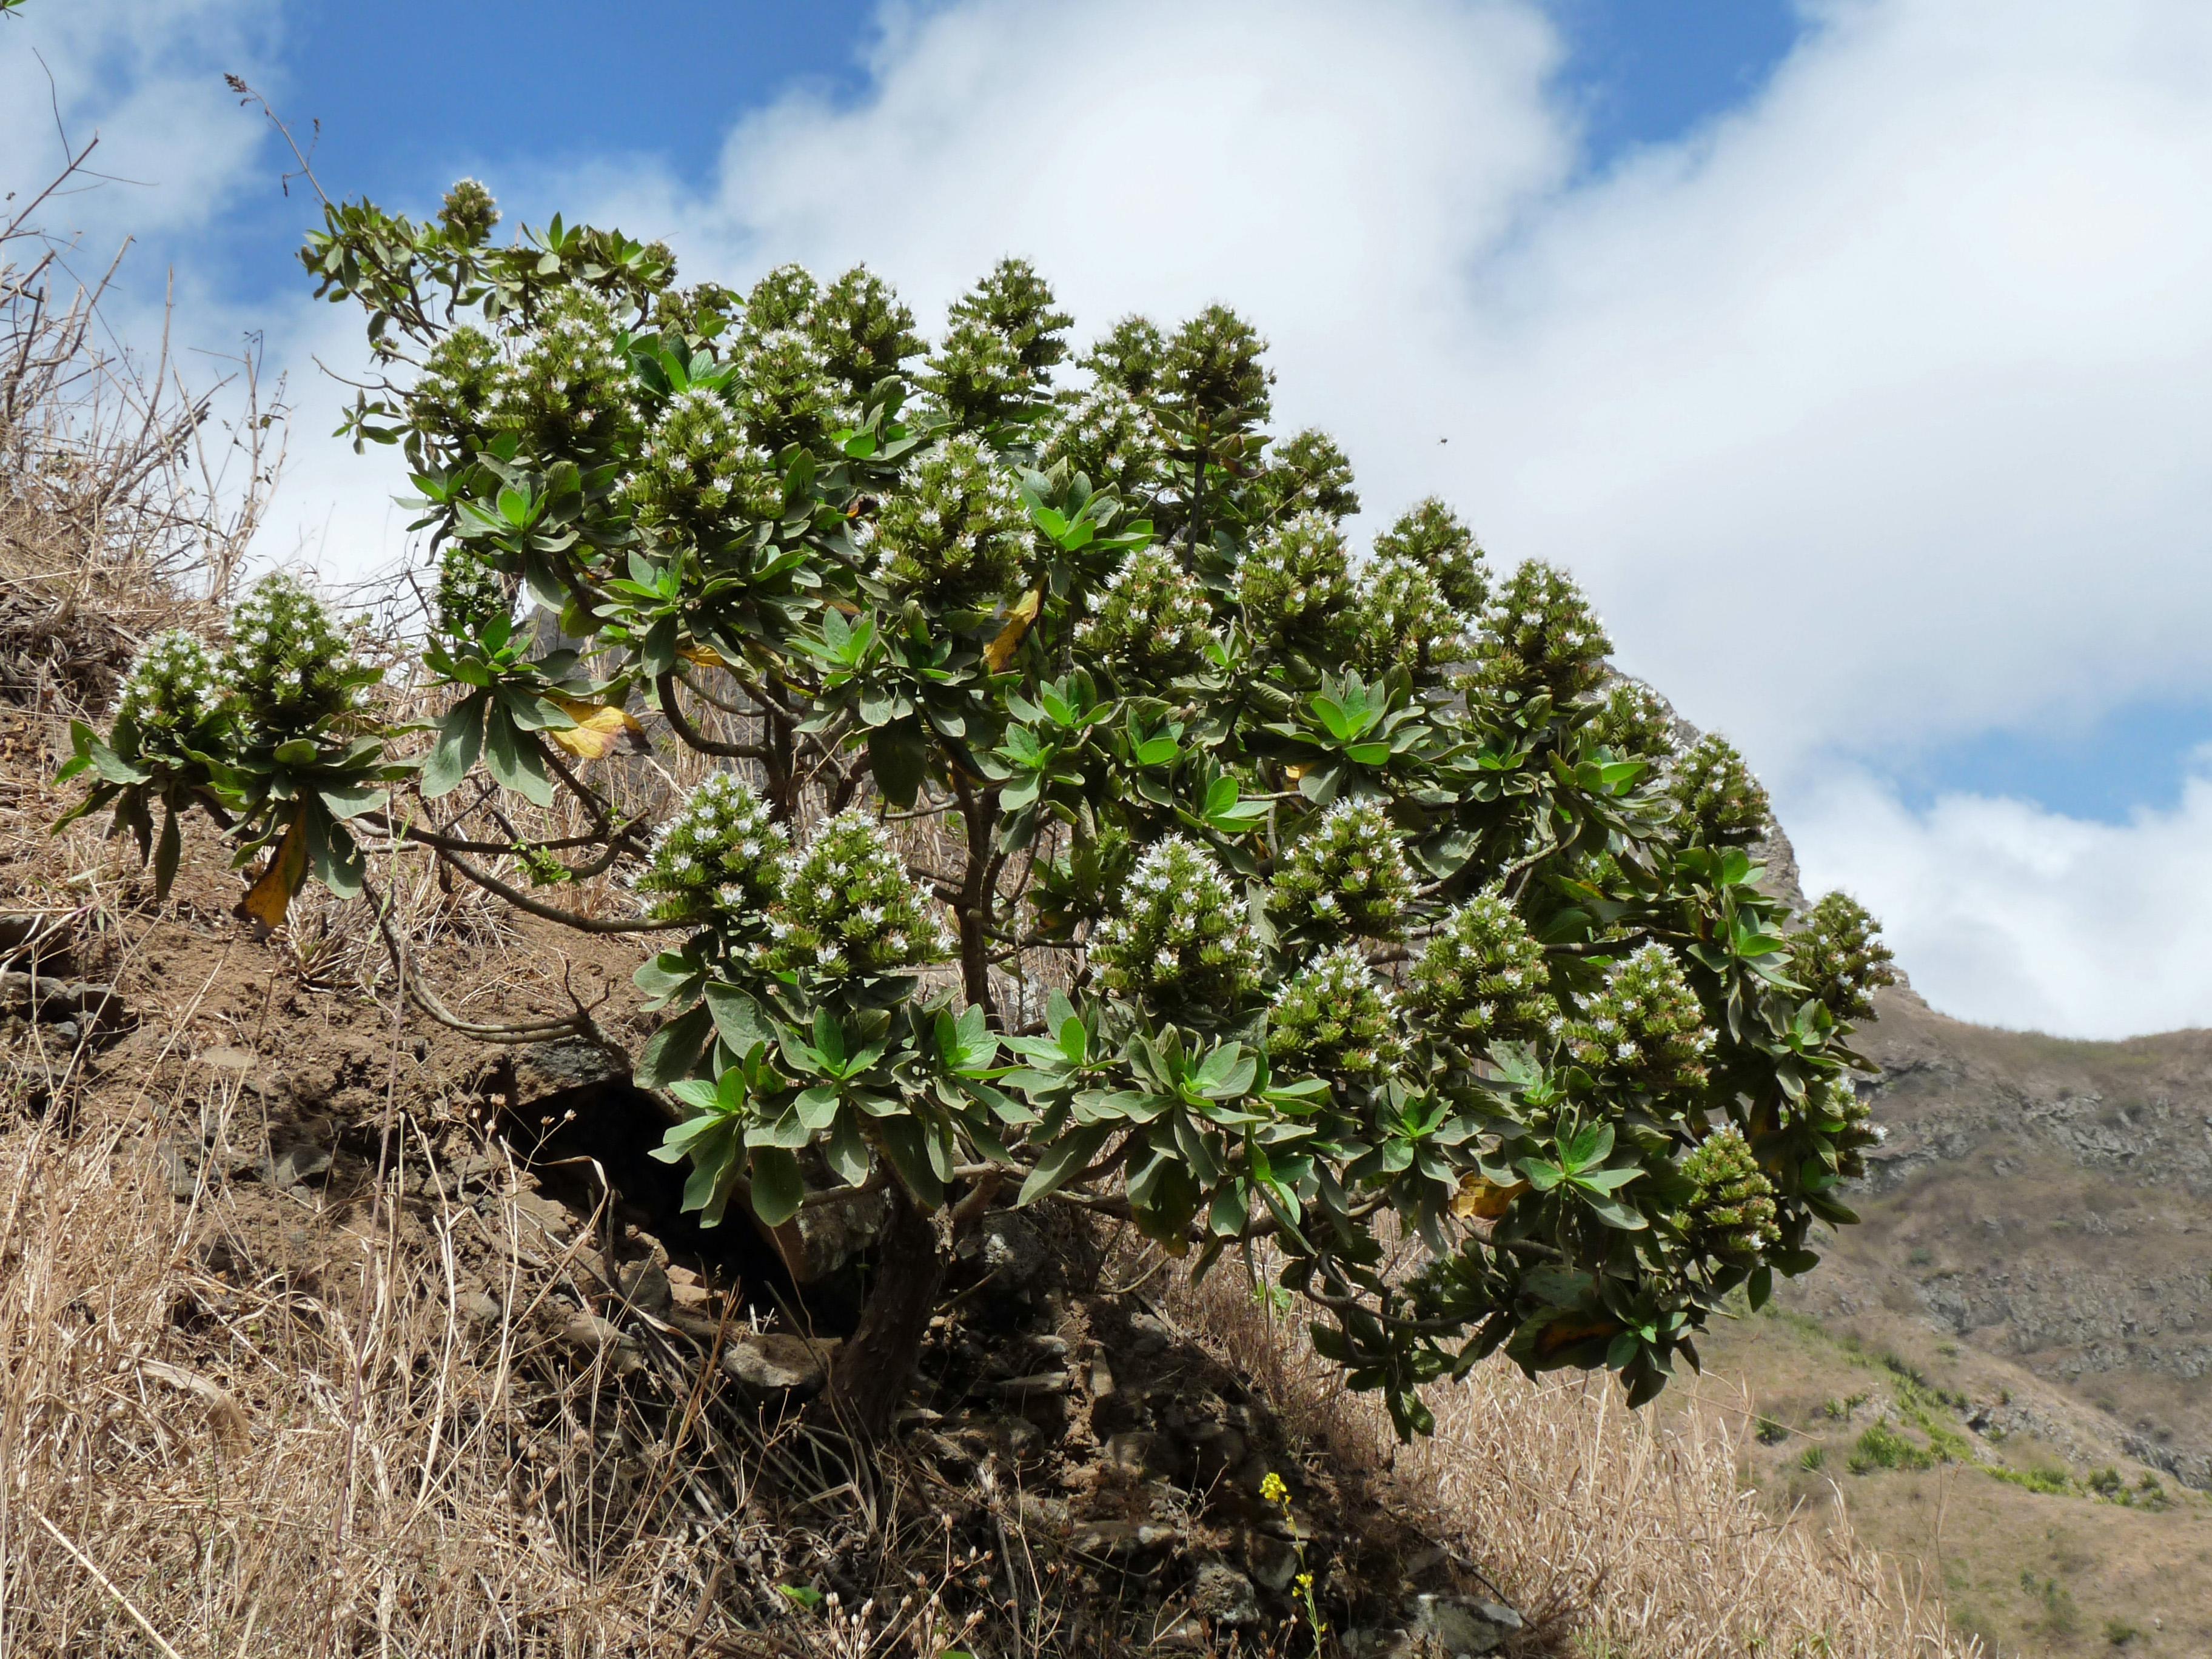 Echium hypertropicum (Fotografía propiedad de Ji-Elle)